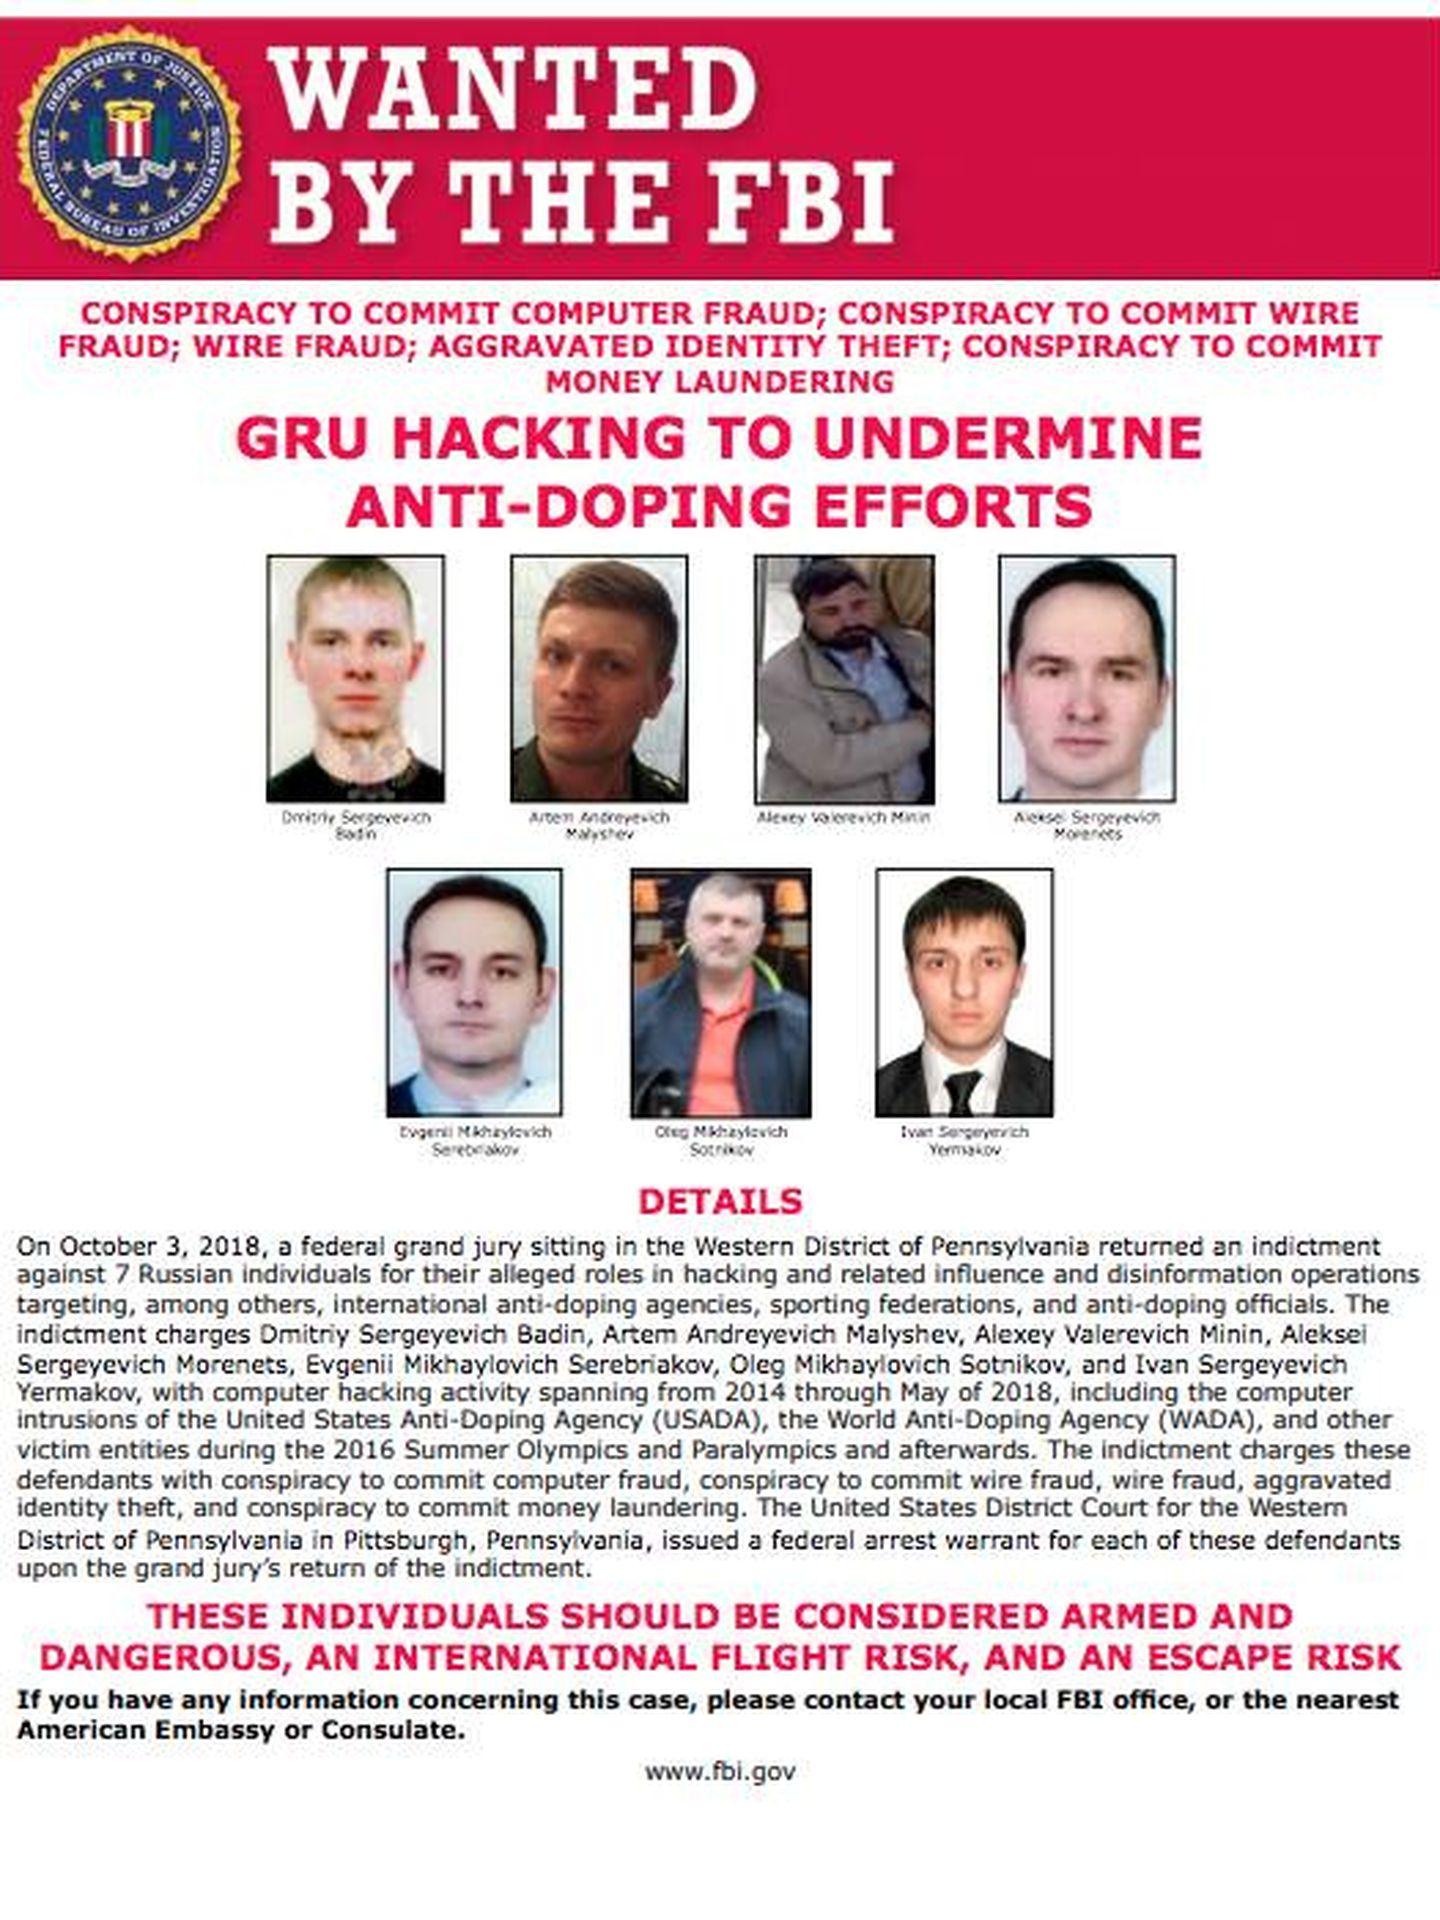 El cartel de 'se busca' con las caras de los siete supuestos espías rusos. (Departamento de Justicia de Estados Unidos)